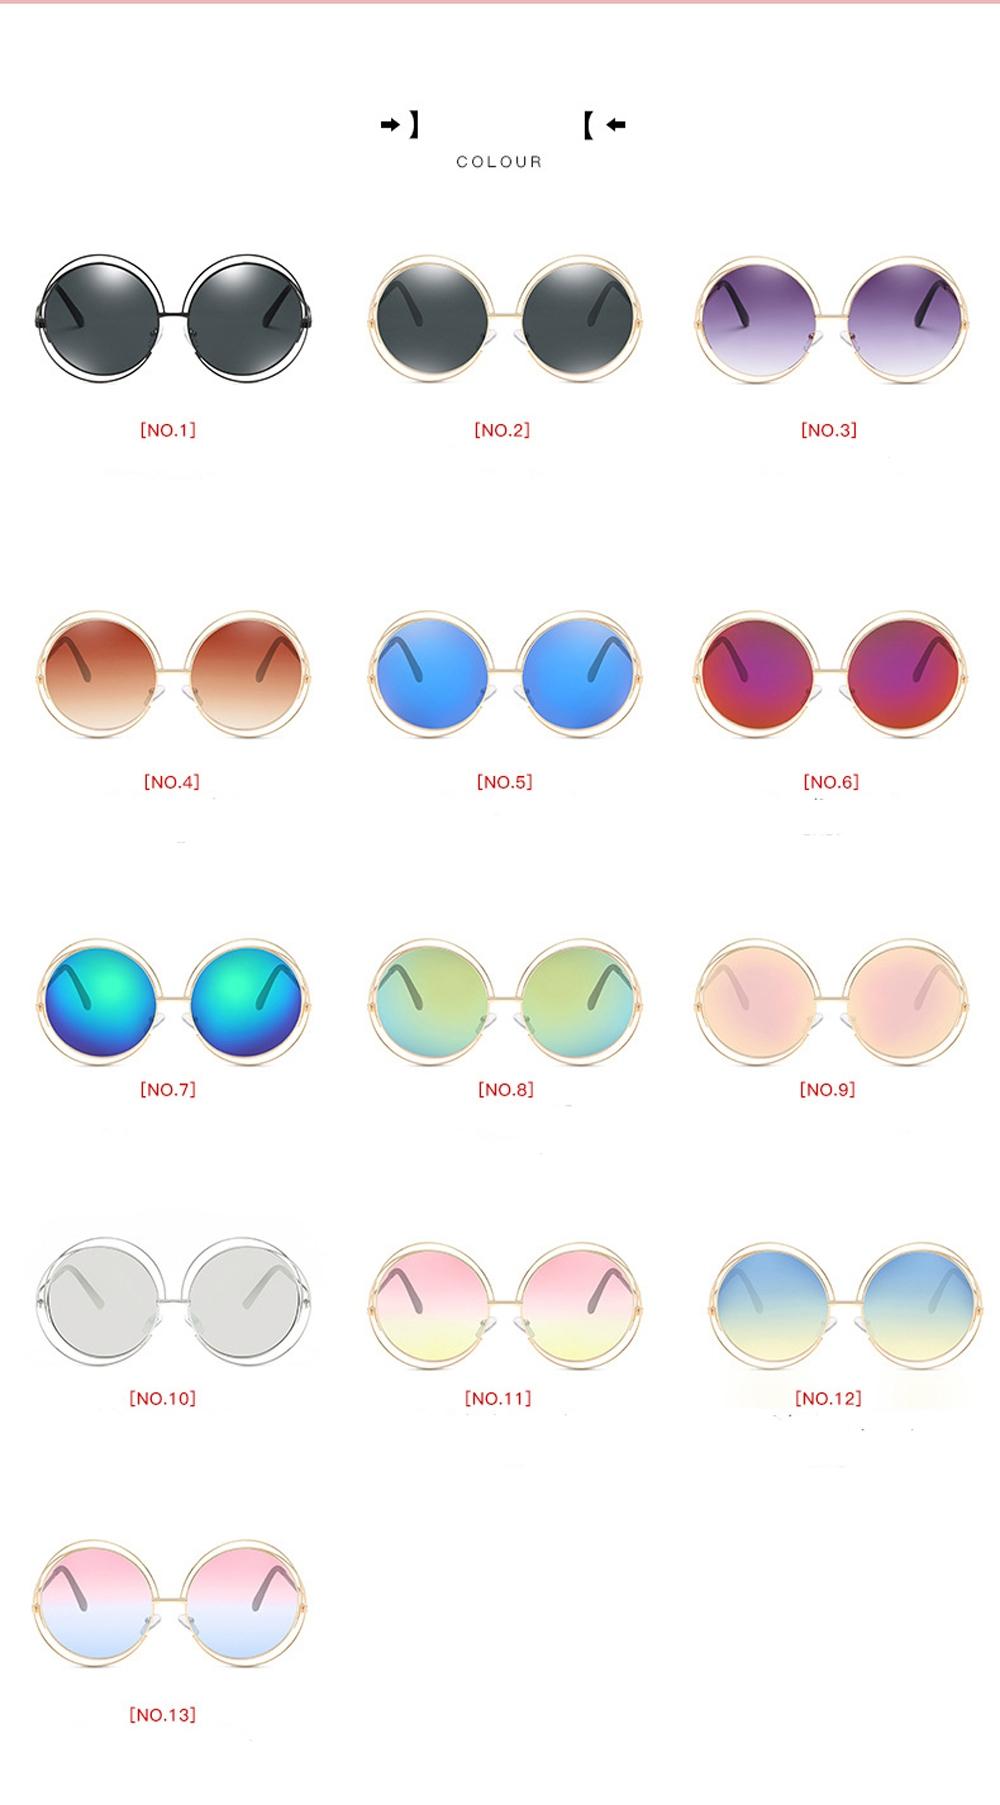 Крупные круглые солнцезащитные очки с тонкой обмоткой вокруг линз - 15